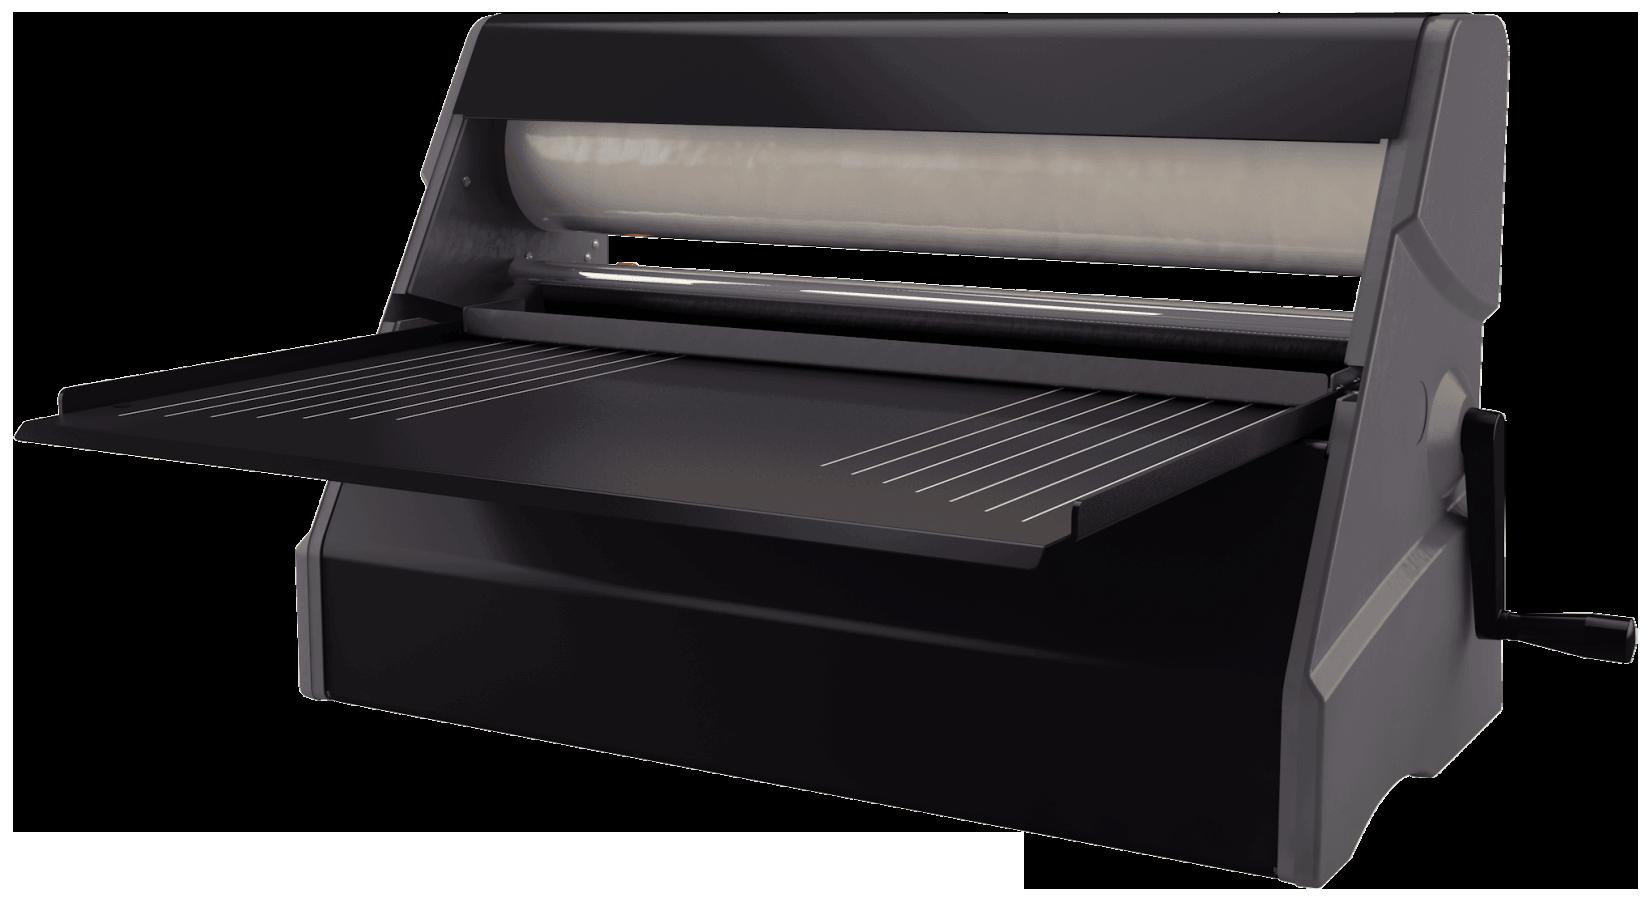 Xyron XM2500 laminator